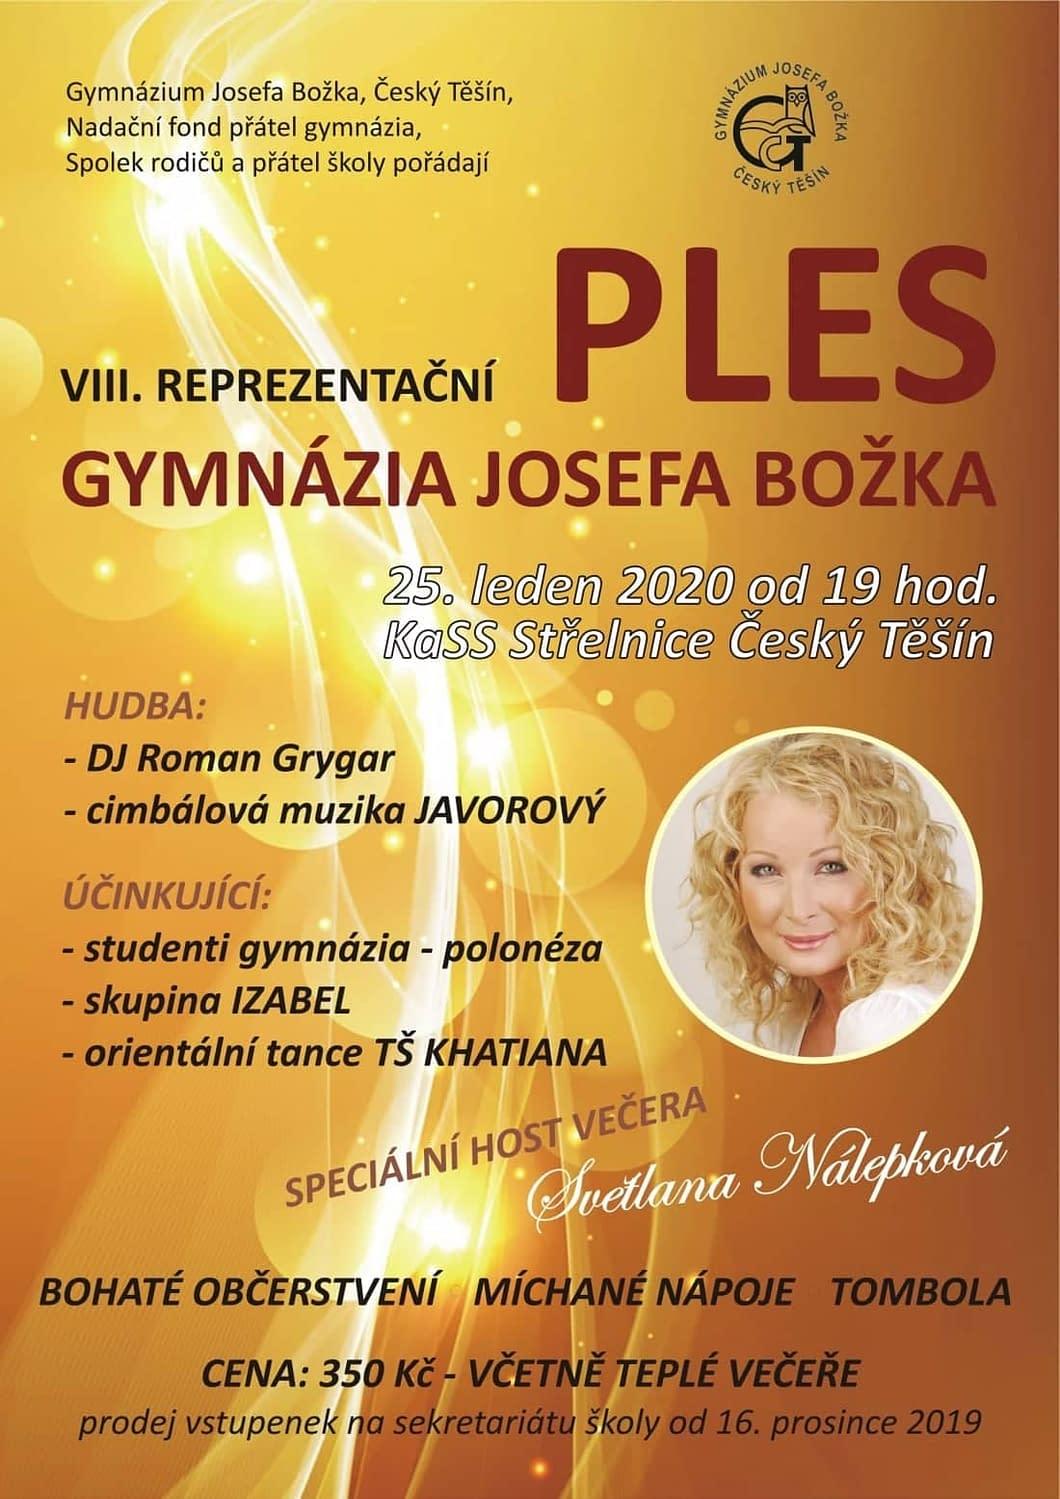 25.1.2020 – Kass střelnice – Ples